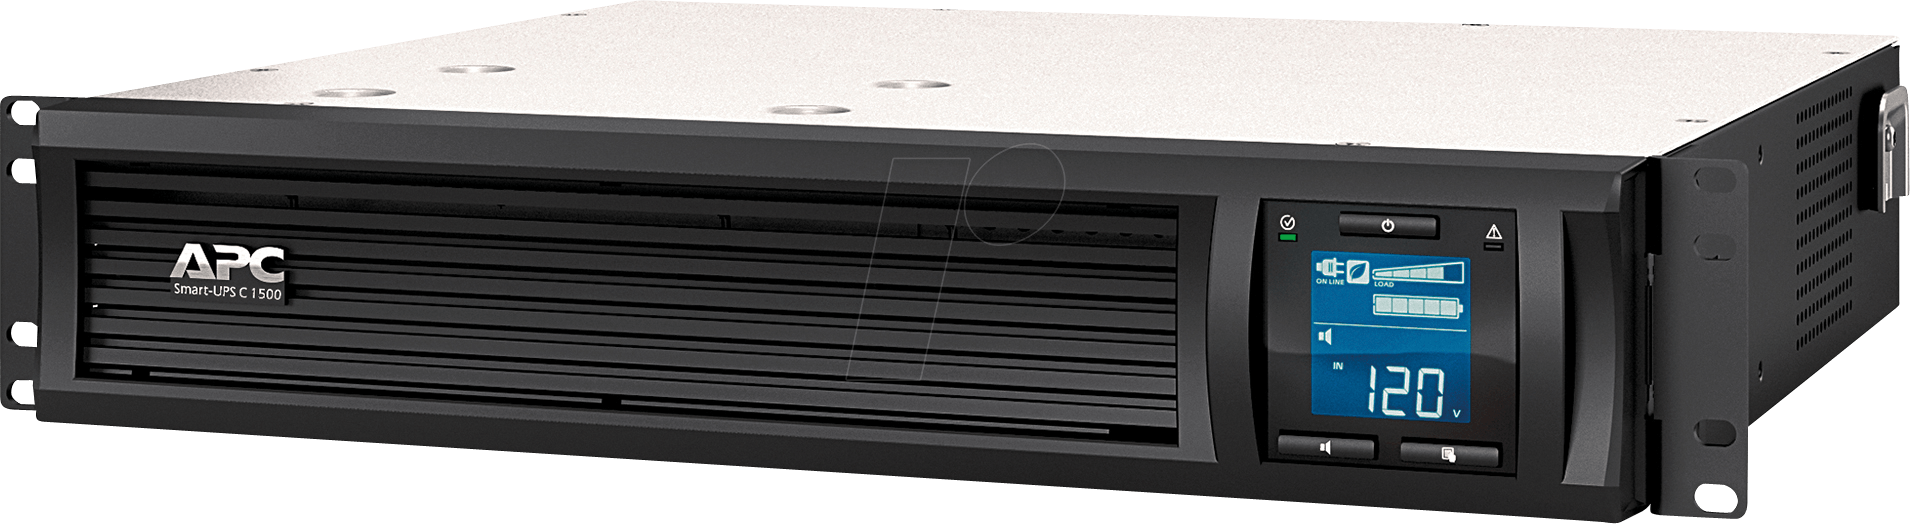 APC SMC1500I-2UC - Smart-UPS C 1500VA LCD RM 2U 230V